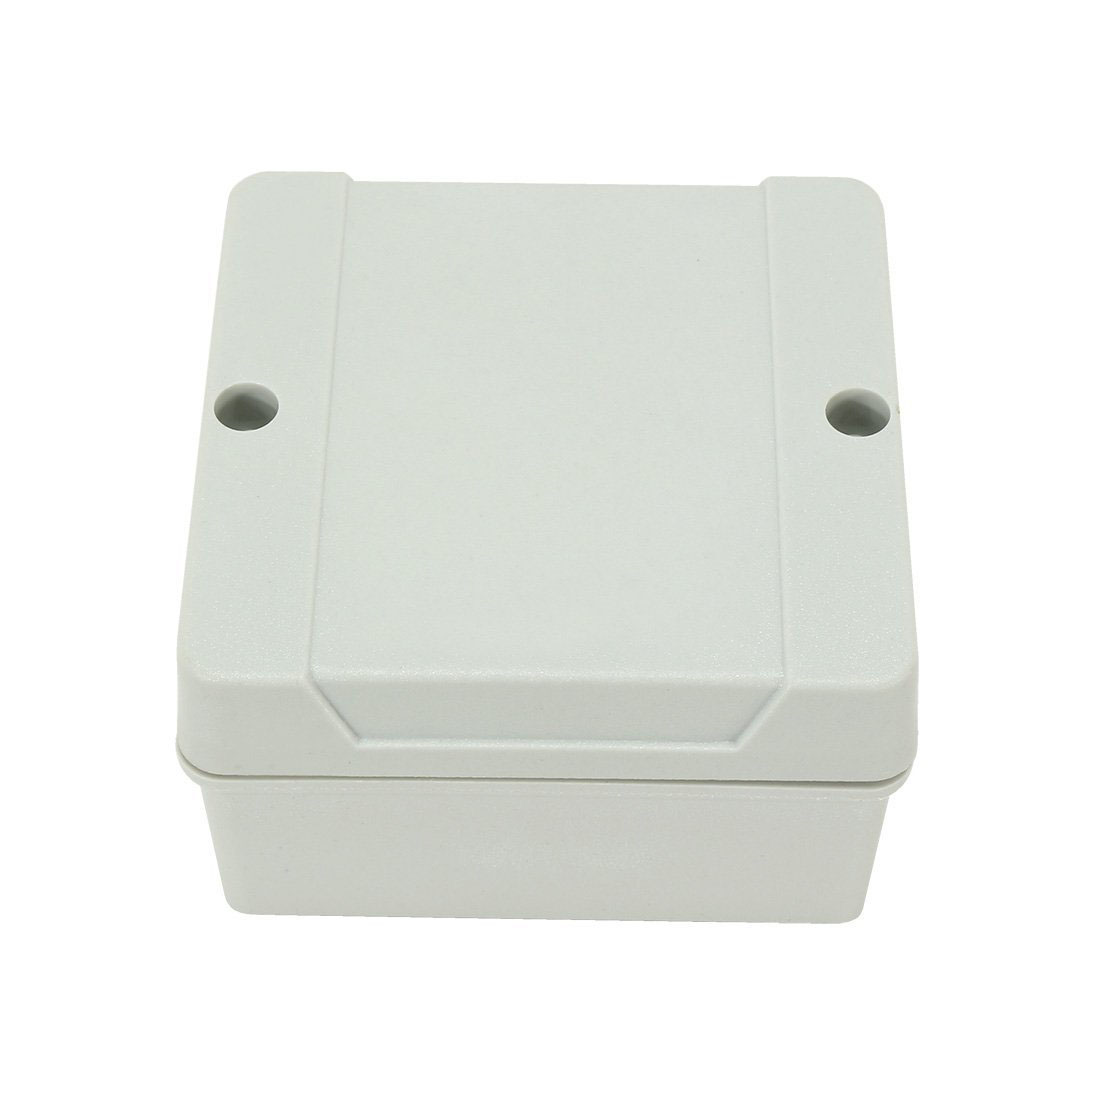 Işıklar ve Aydınlatma'ten Konnektörler'de 3.9 inç x 3.9 inç x 2.4 inç (98mm x 98mm _ _ _ _ _ _ _ _ _ _ _ _ _ _ _ _ _ _ _ _ mm) ABS alev geciktirici toz geçirmez IP66 bağlantı kutusu evrensel proje muhafazası title=